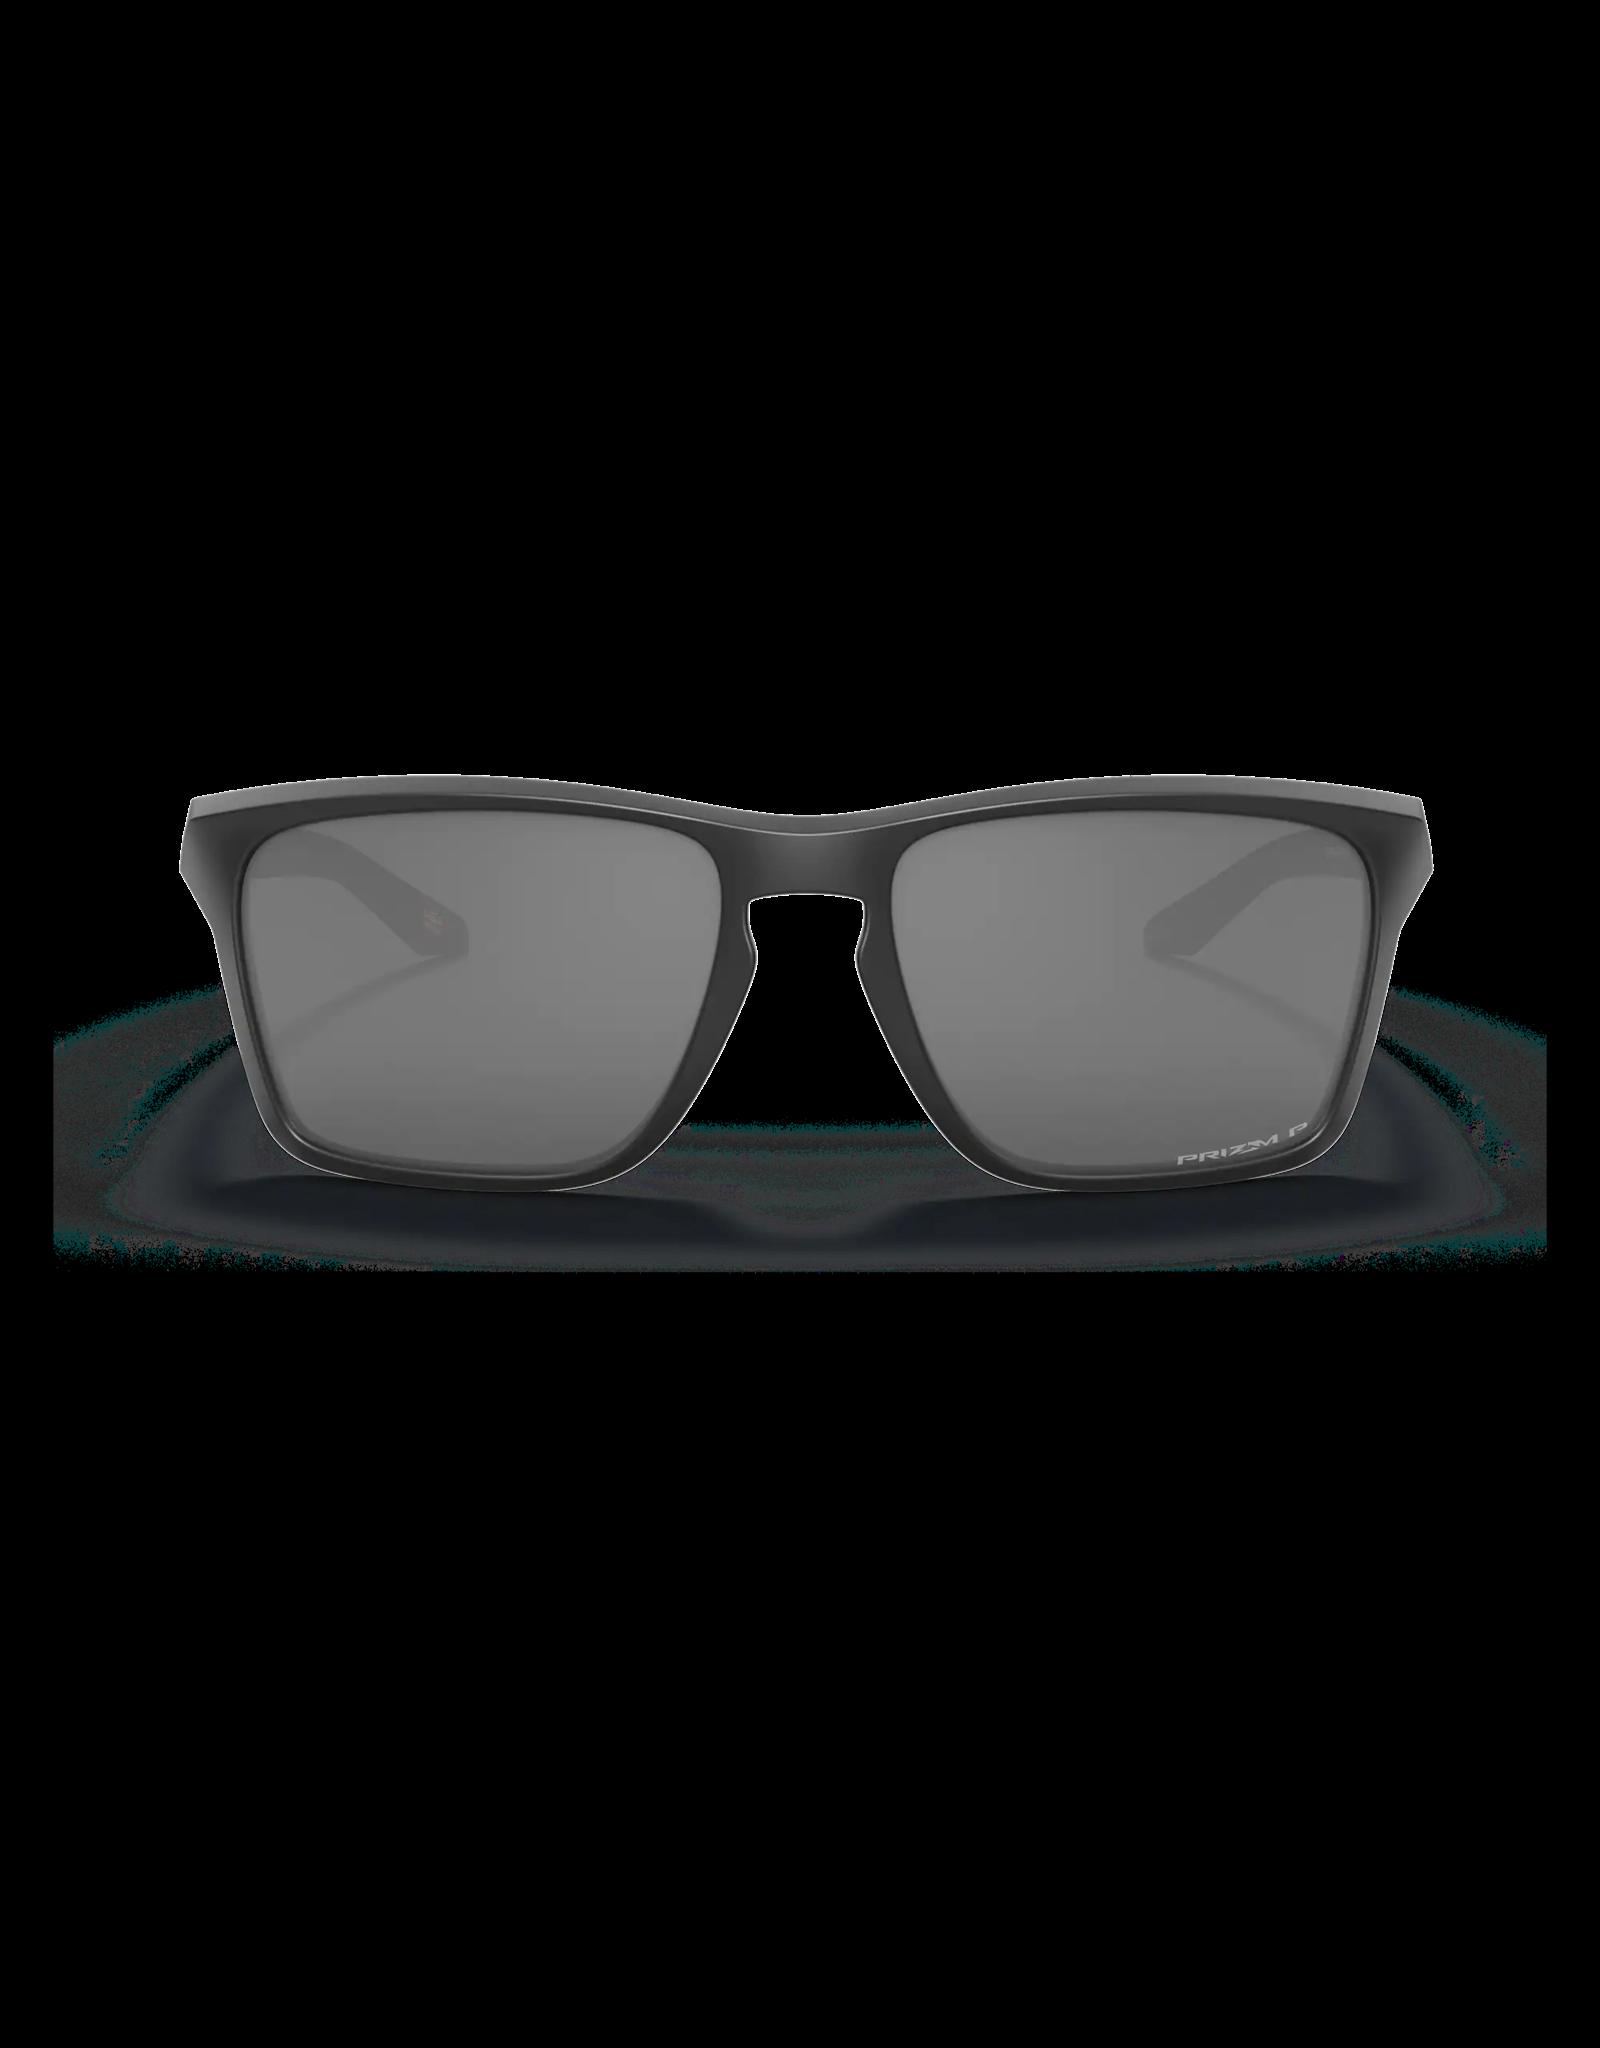 OAKLEY Oakley Sylas lunette matte noir prizm noir polaire